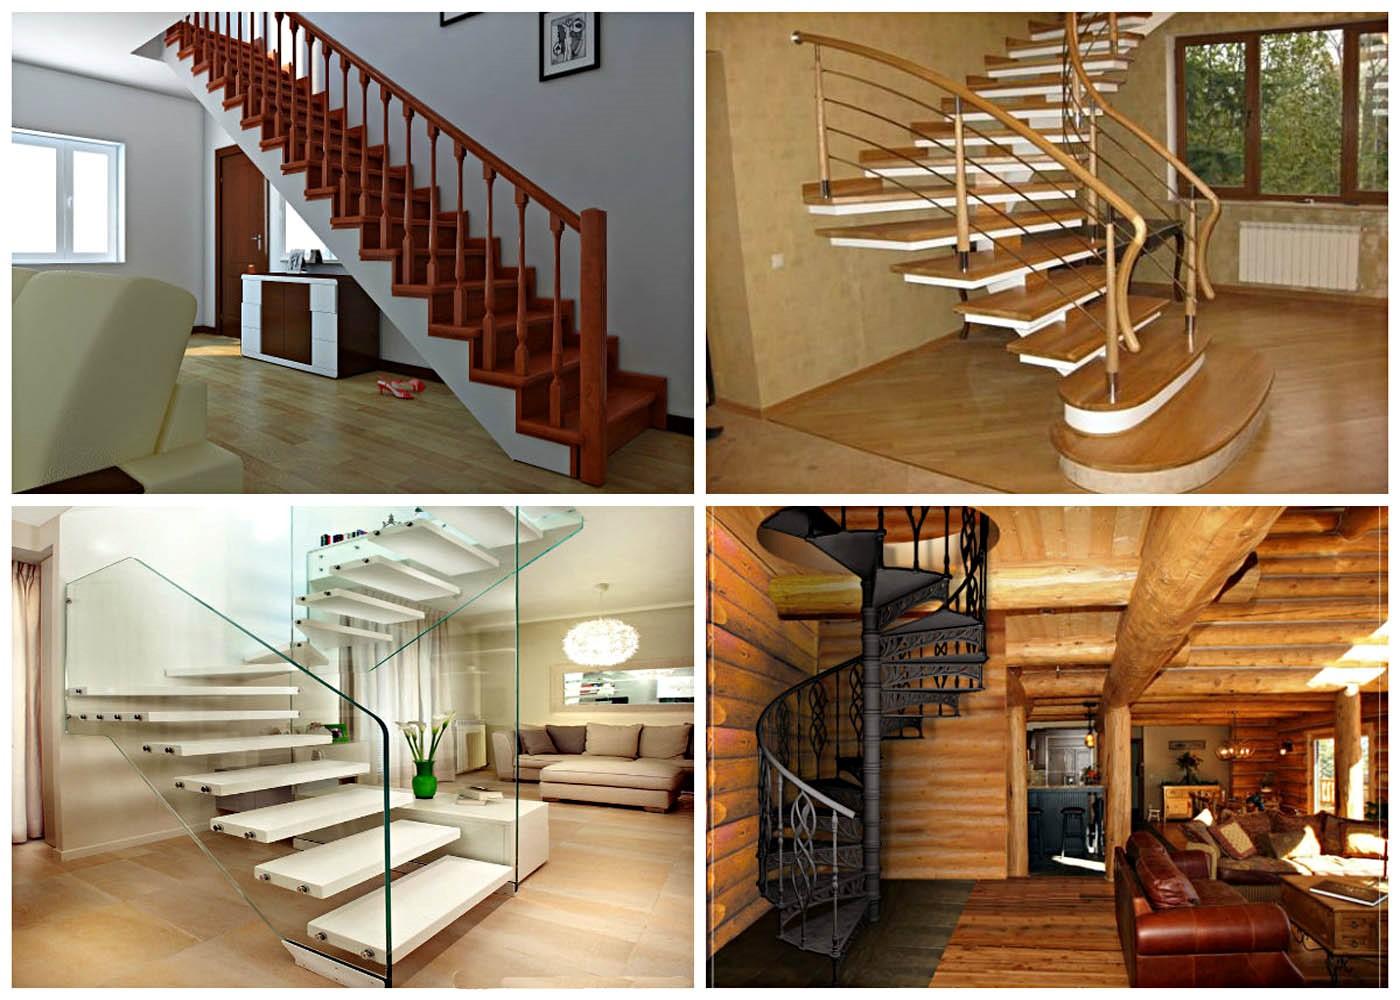 ограждения лестниц из различных материалов - стекло, дерево, металл